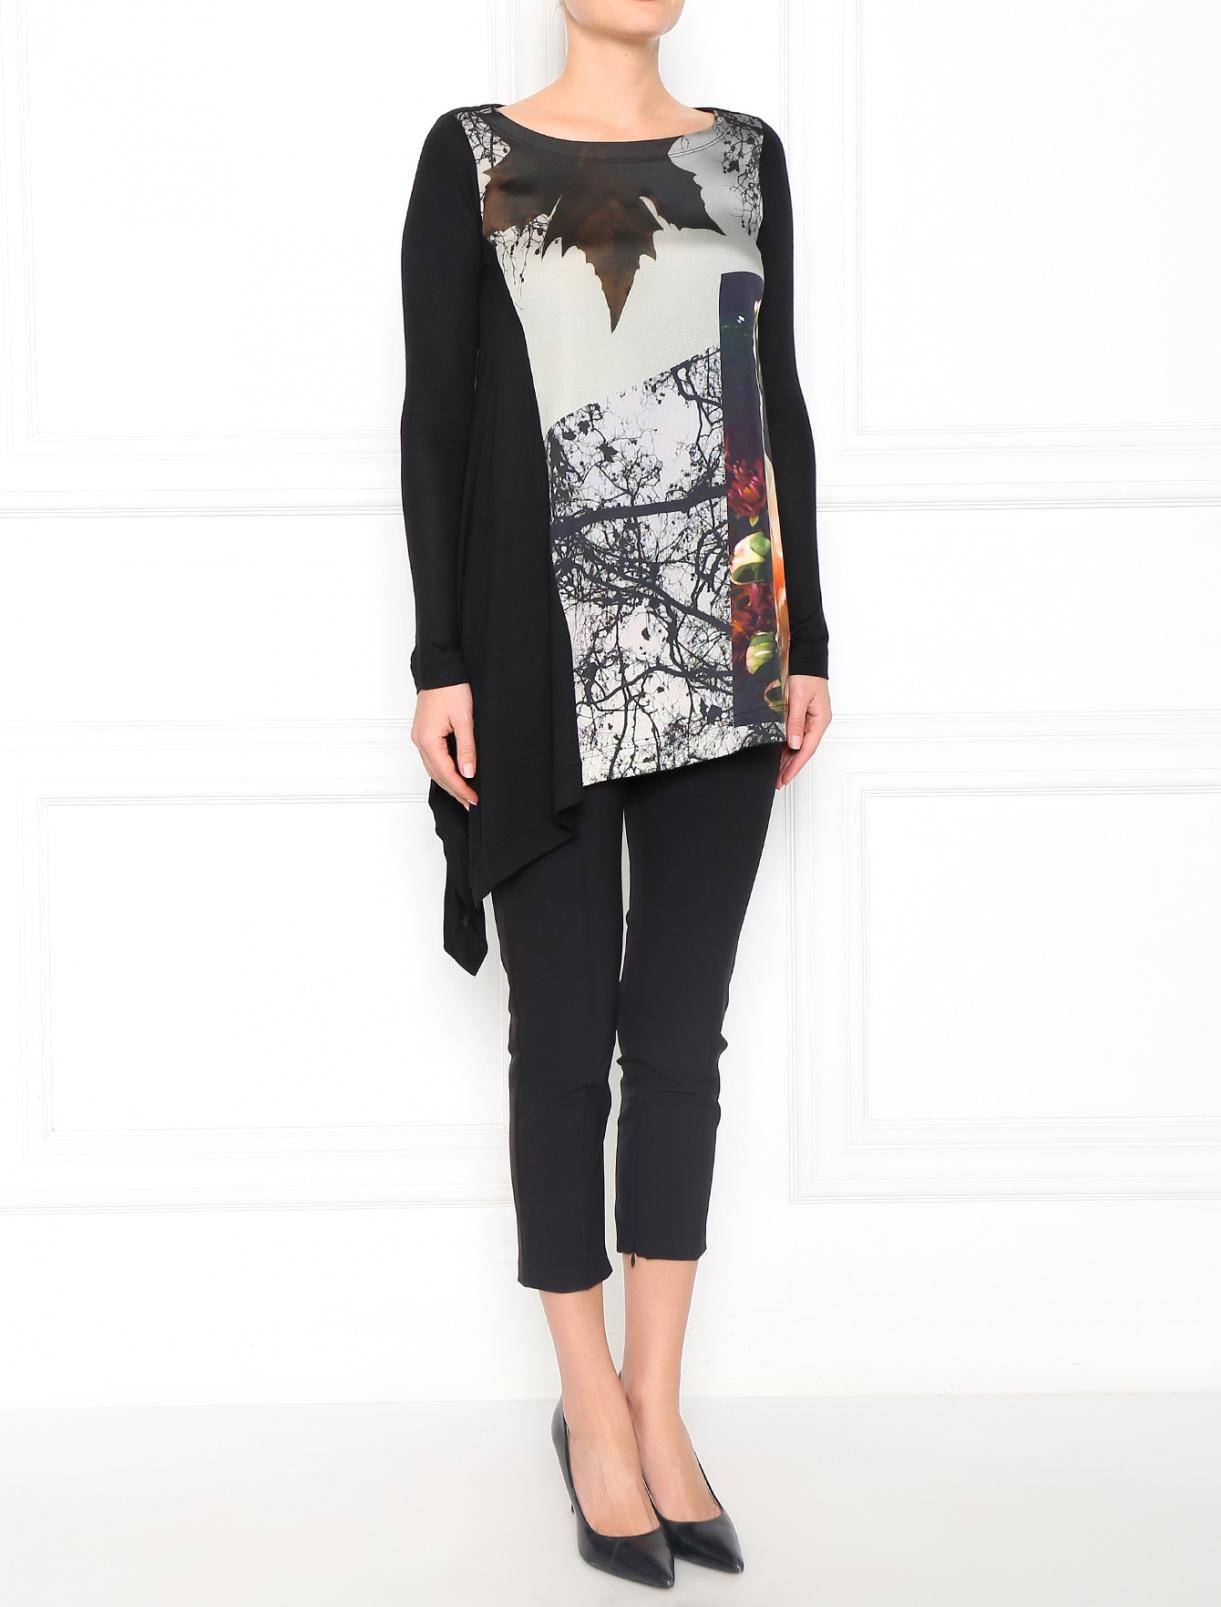 Блуза с длинным рукавом и принтом Isola Marras  –  Модель Общий вид  – Цвет:  Черный